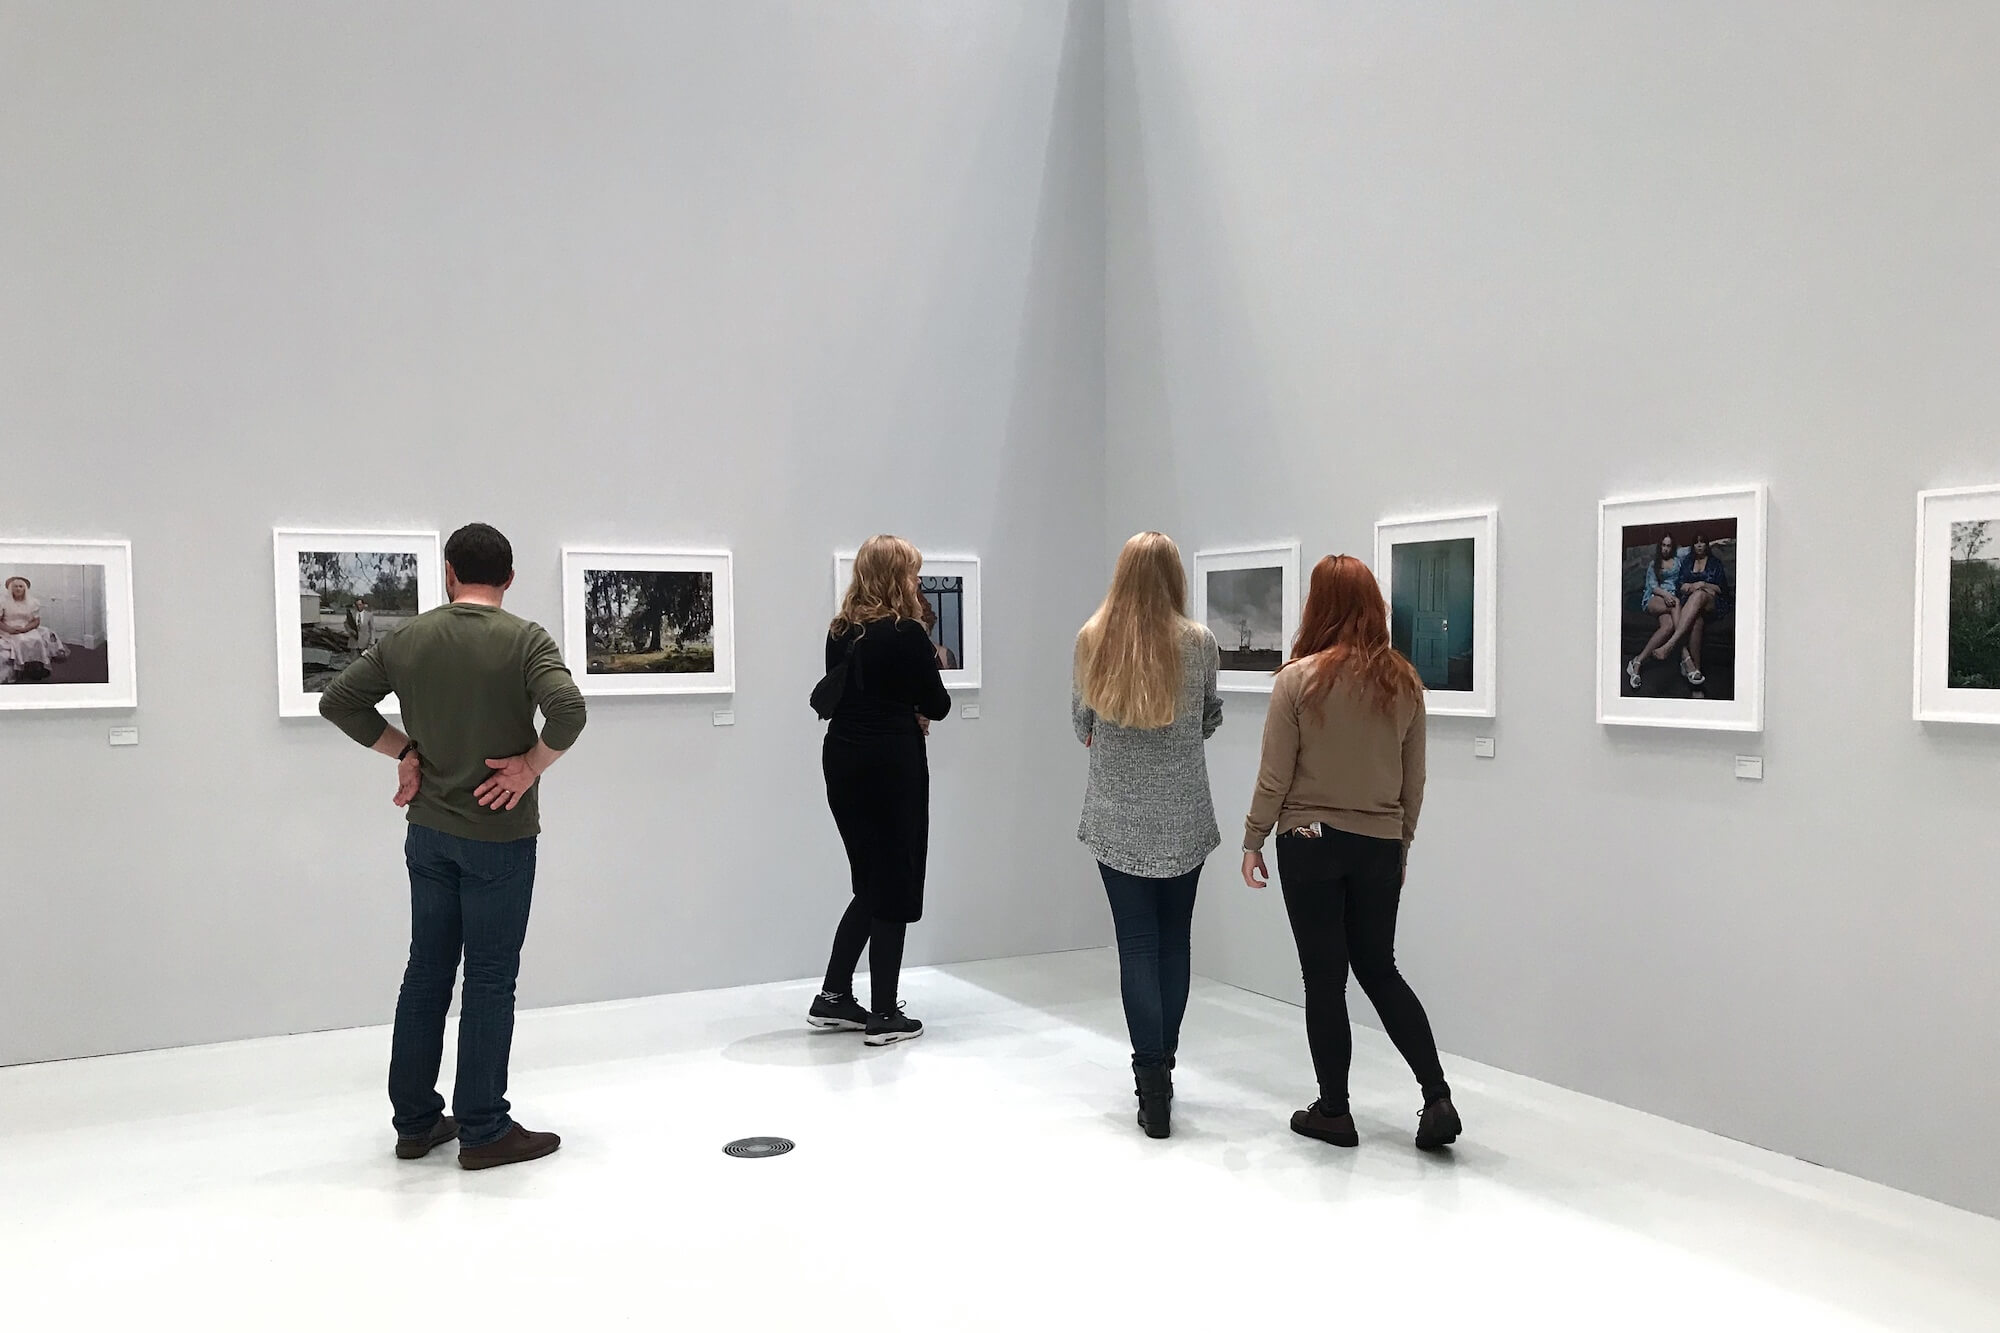 AskACurator gilt als ältestes Twitter-Event für Museen. Für einen nachhaltigen Dialog in Social Media ist jedoch mehr nötig.